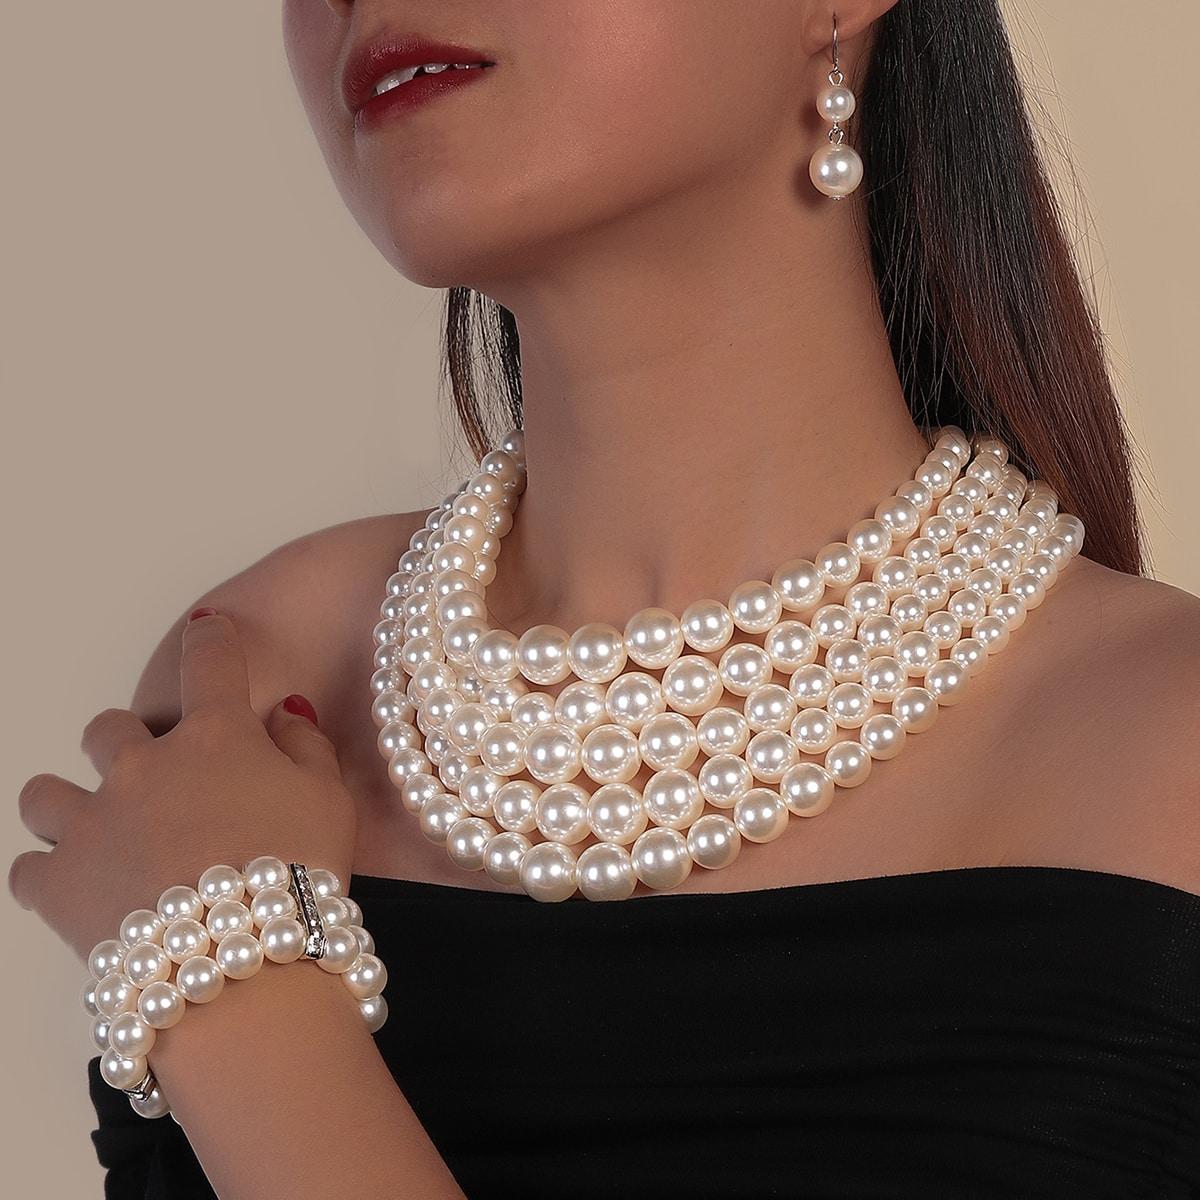 1 Stück Halskette & 1 Stück Armband & 1 Paar Ohrringe mit Kunstperlen Dekor